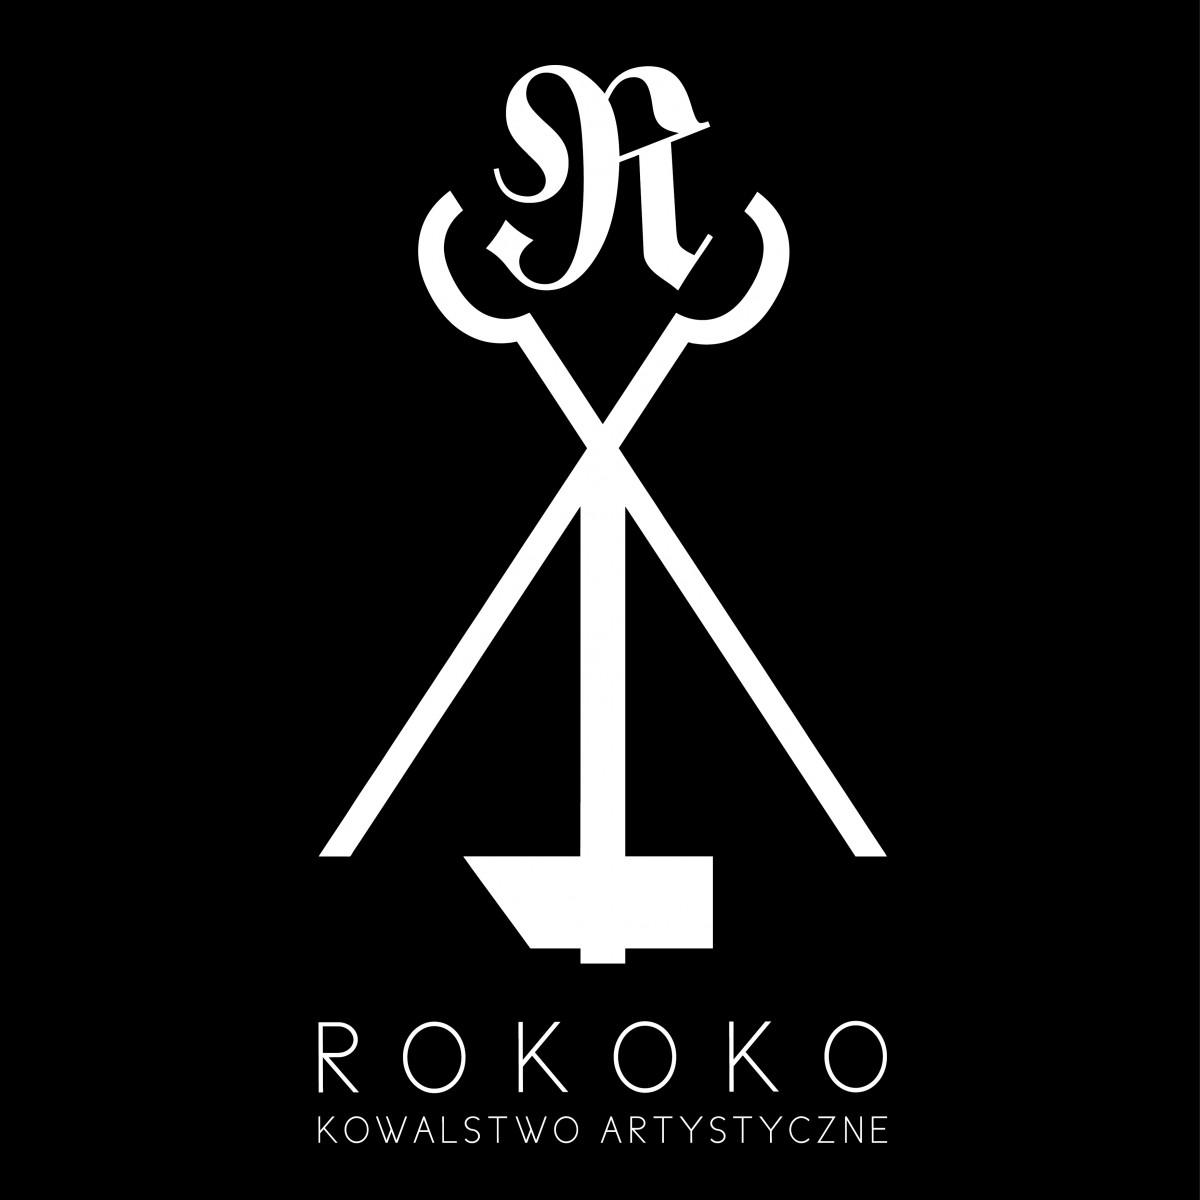 ROKOKO_znak_kontra_RGB_XL